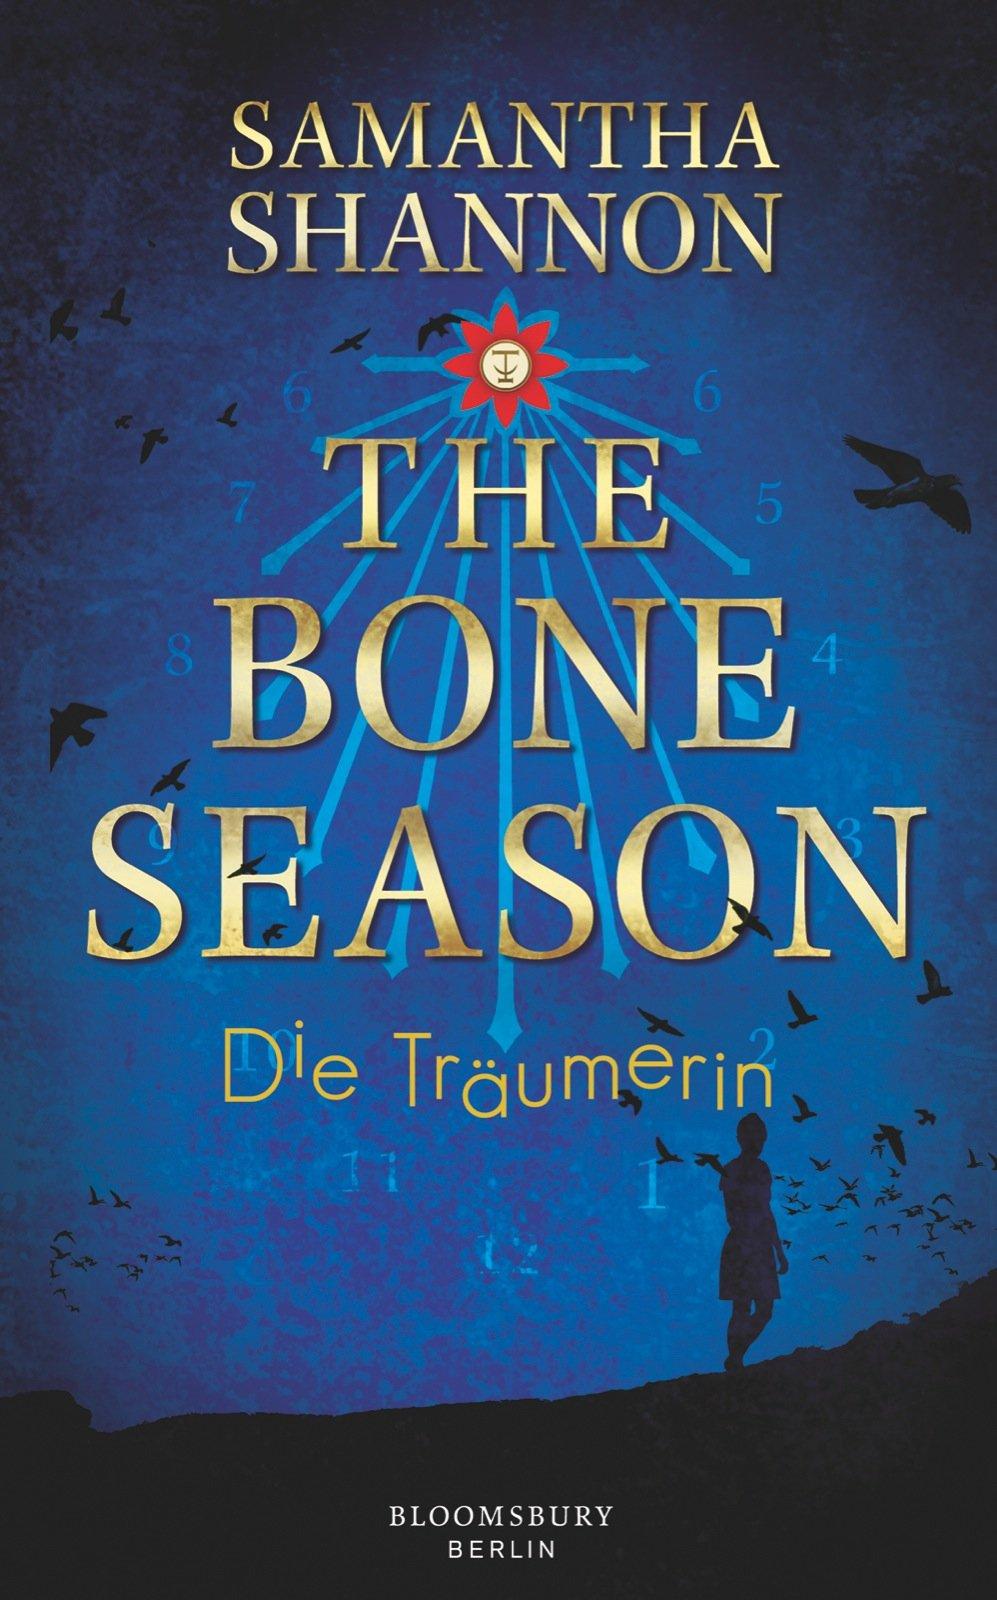 The Bone Season - Die Träumerin von Samantha Shannon